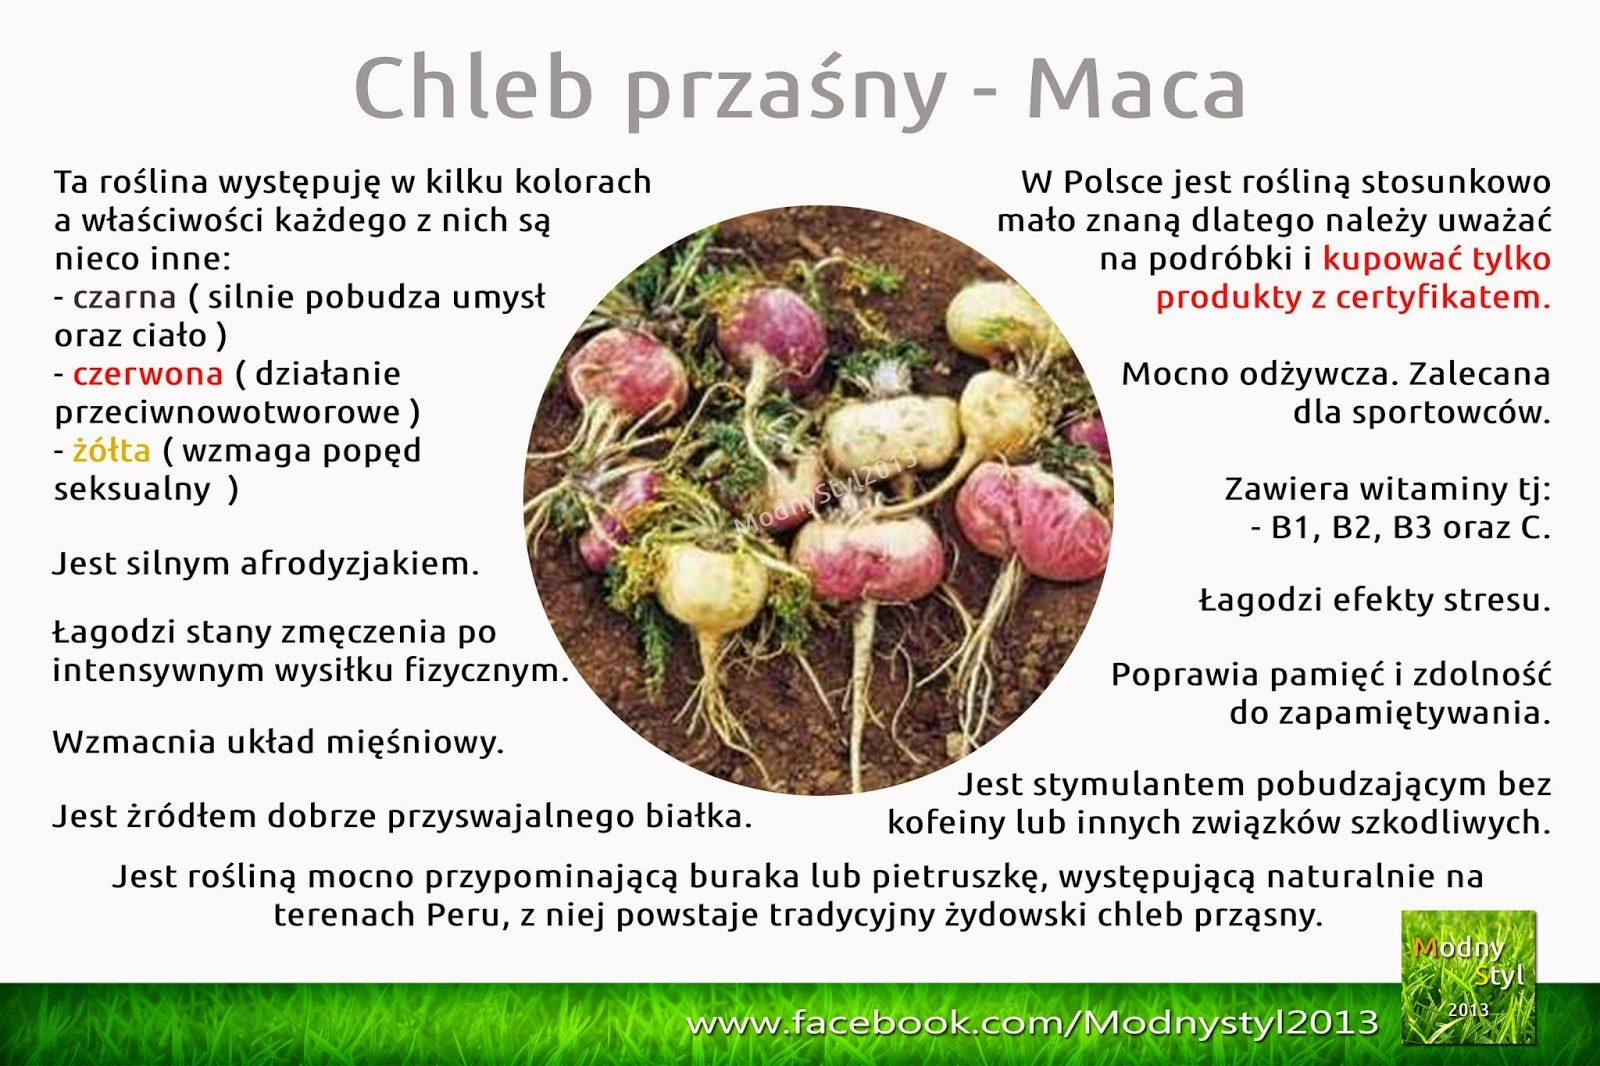 maca-5131104